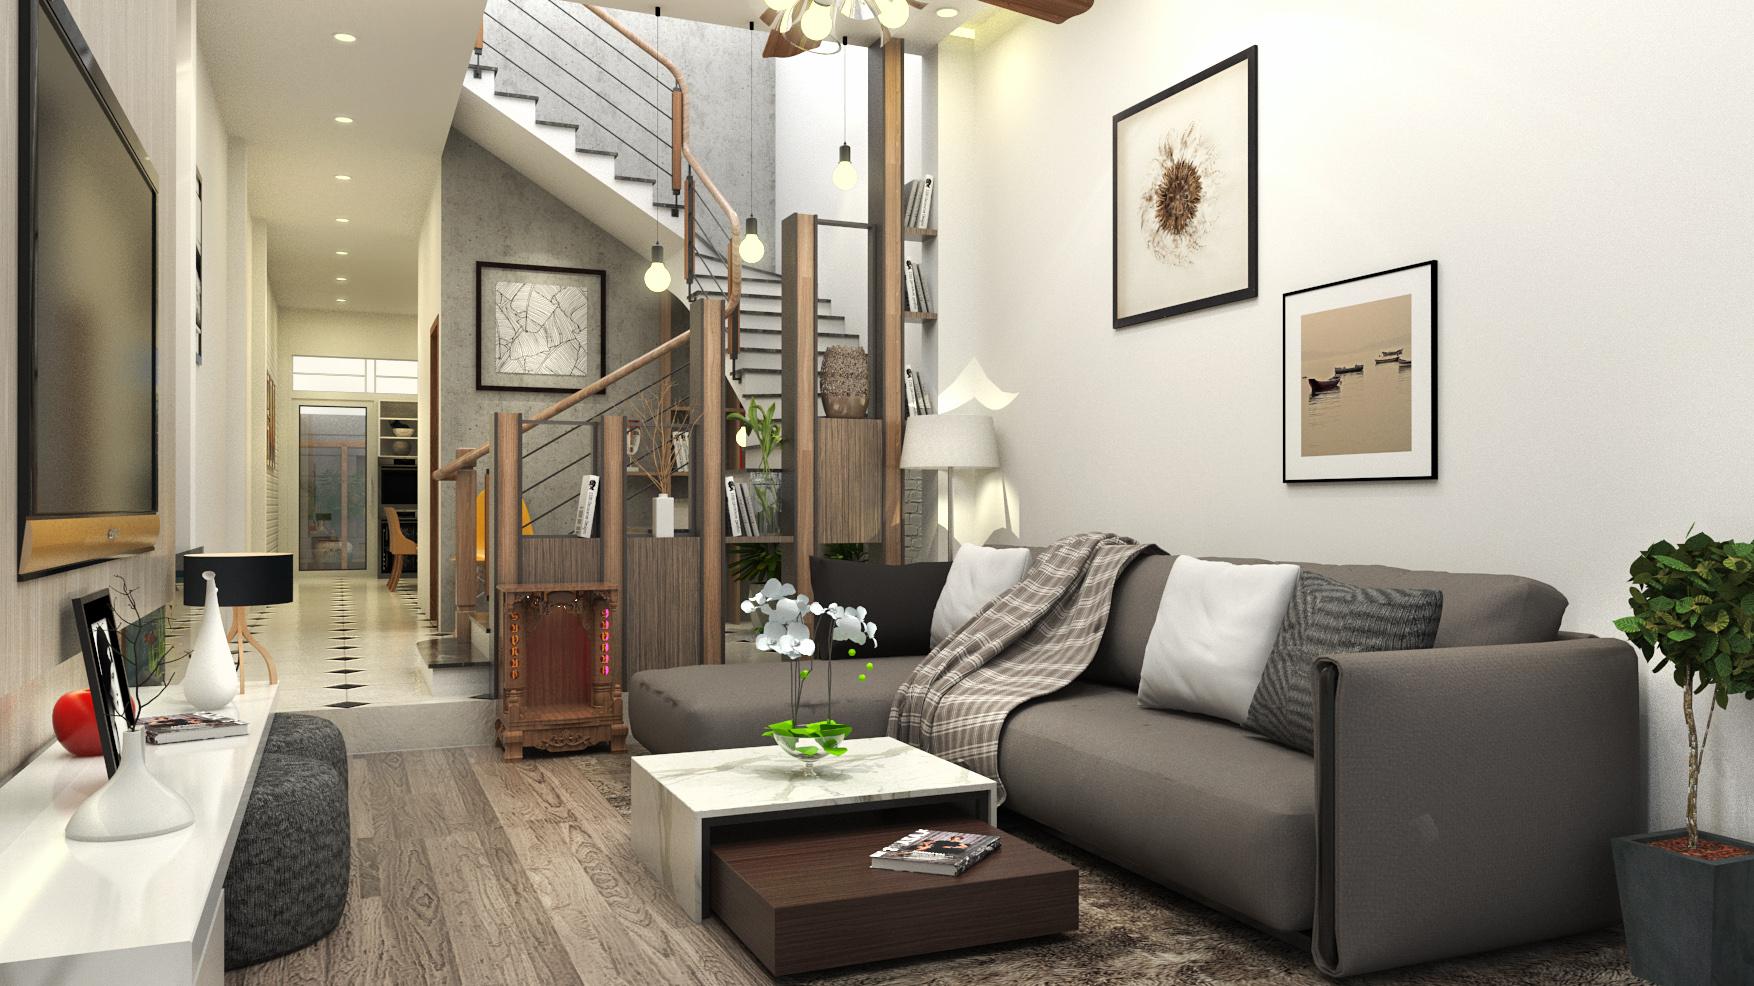 Dự án thiết kế thi công nội thất biệt thự quận 9